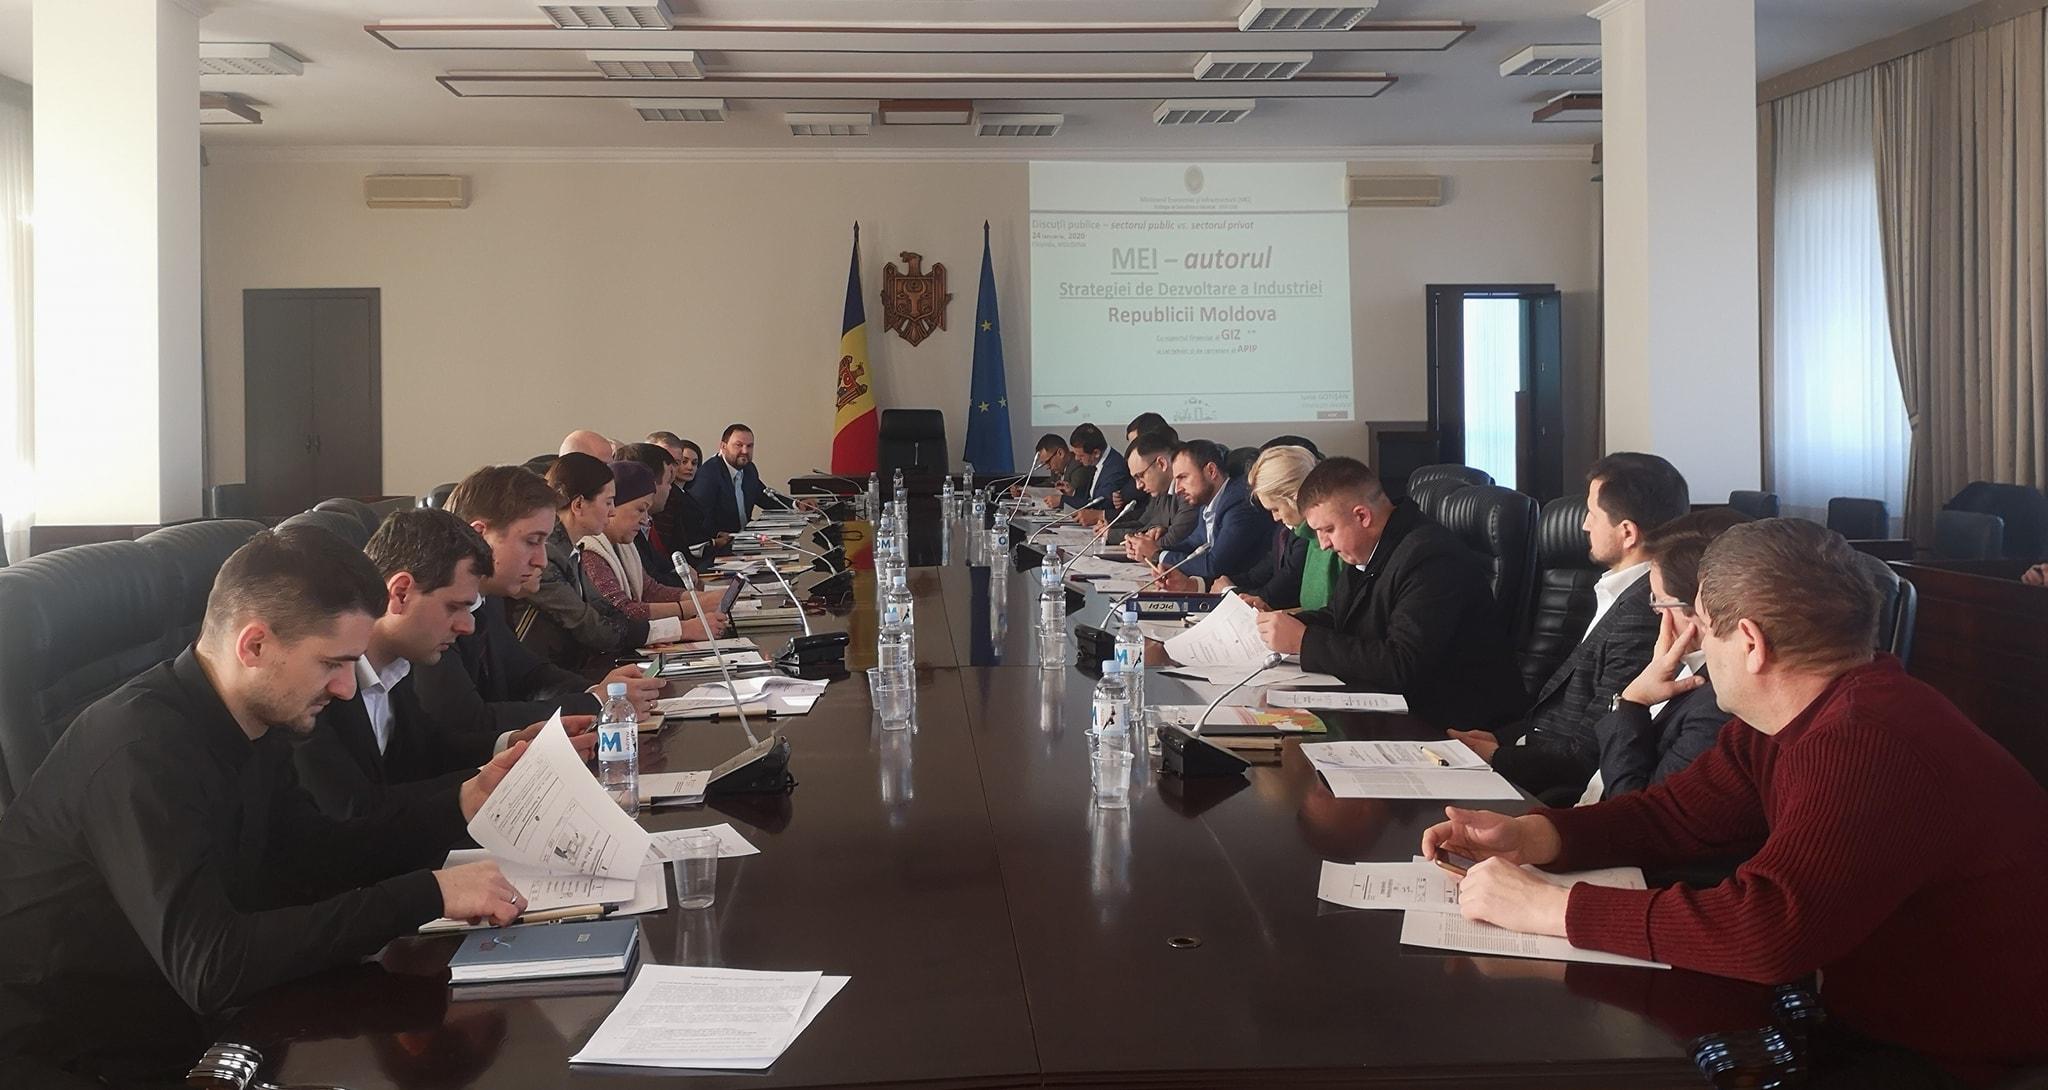 Proiectul Strategiei de Dezvoltare a Industriei Republicii Moldova pentru 2020-2030, elaborat de APIP – prezentat